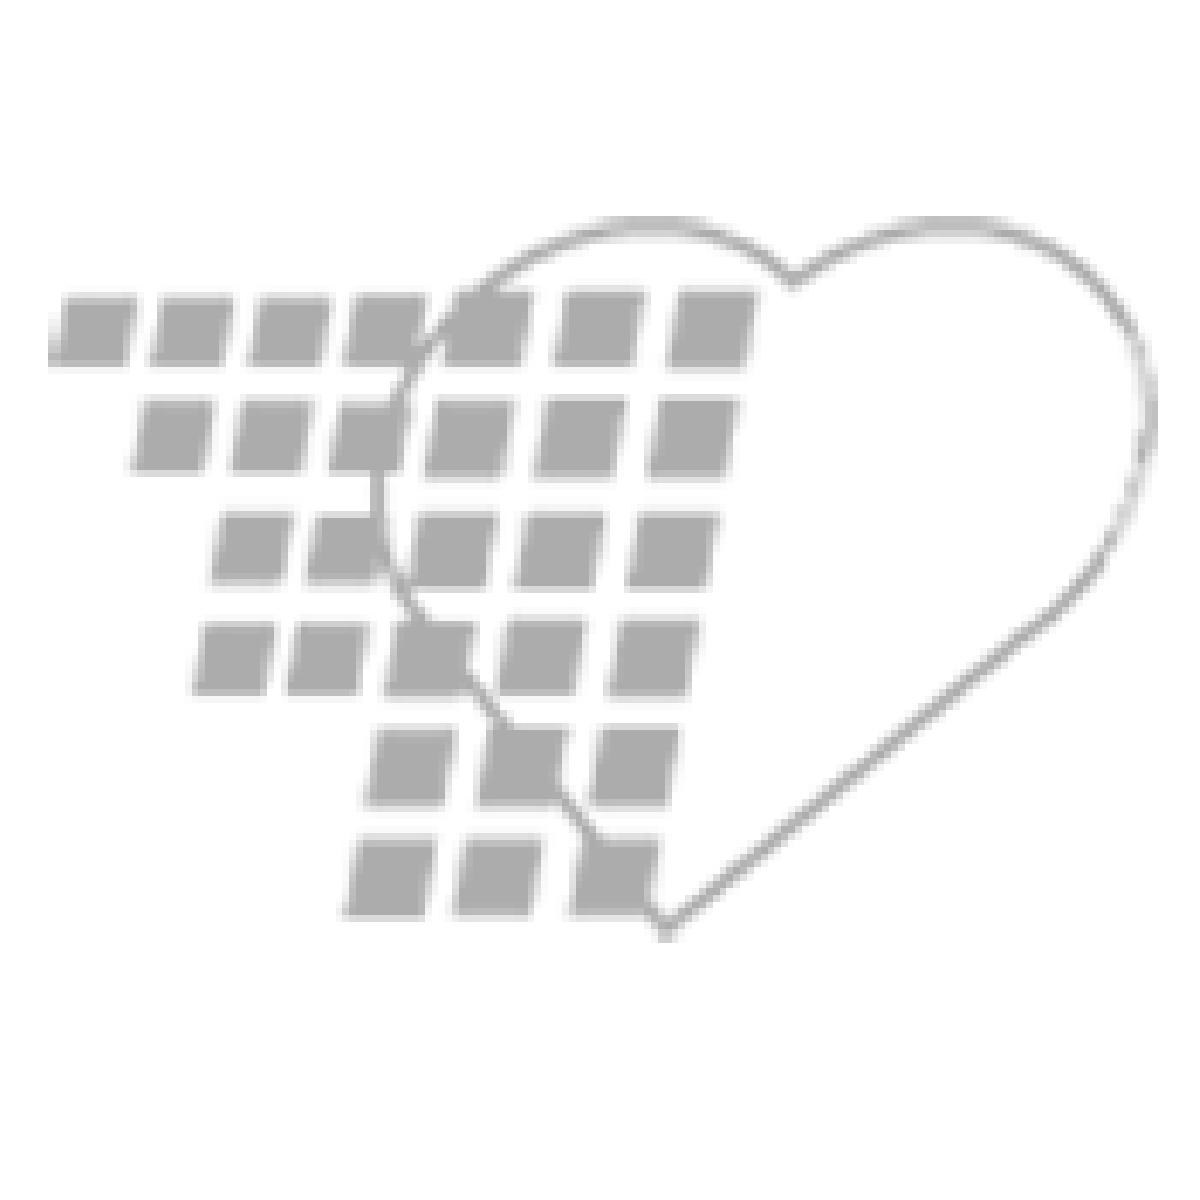 12-81-0107 - Nasco Life/form® Pediatric Lumbar Puncture Simulator